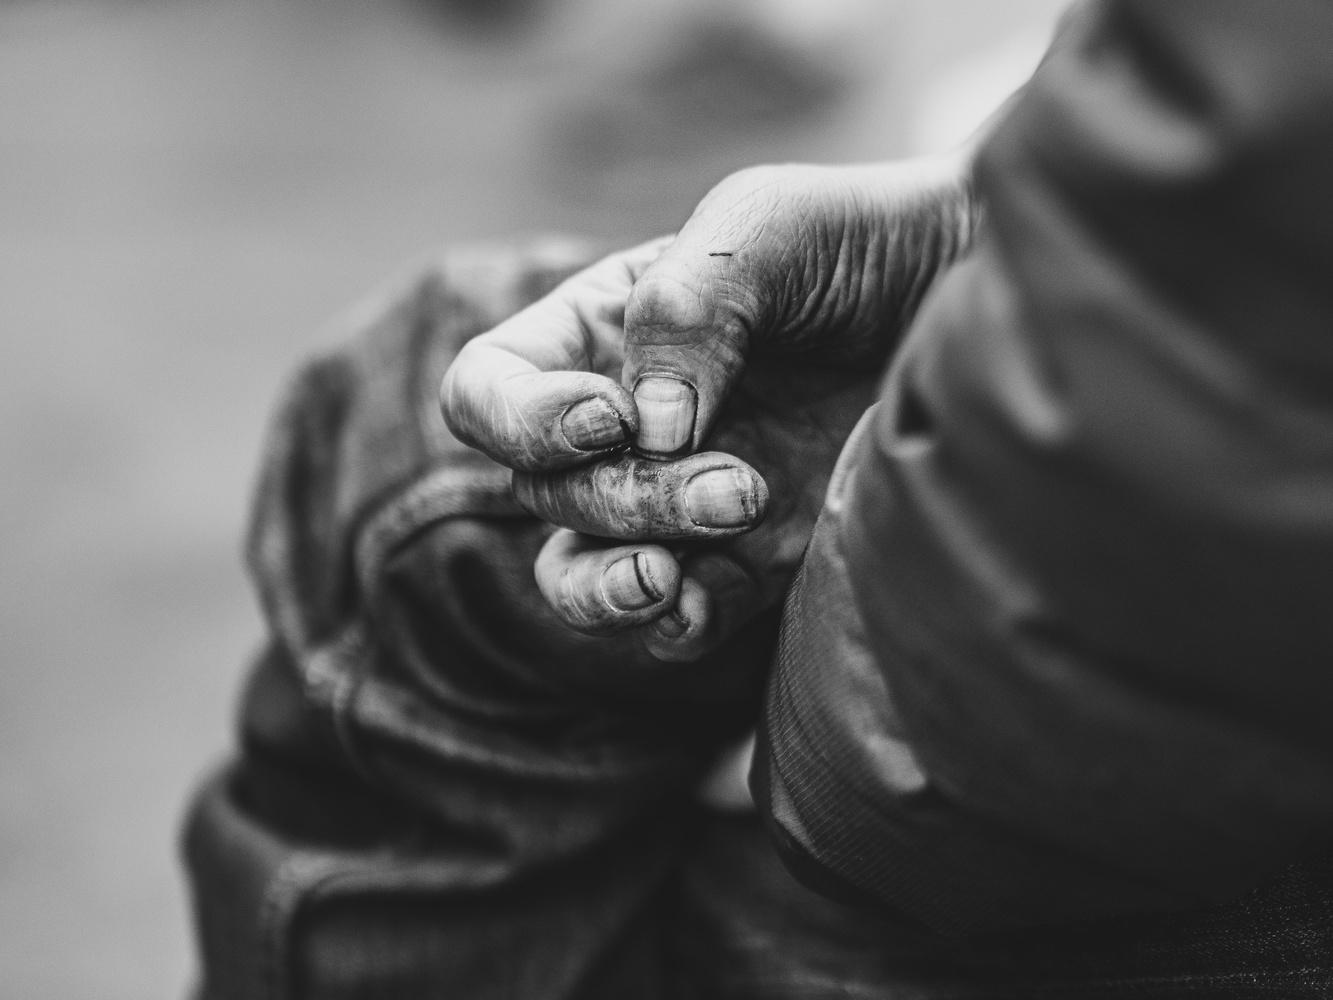 Hands by Tomasz Kowalski